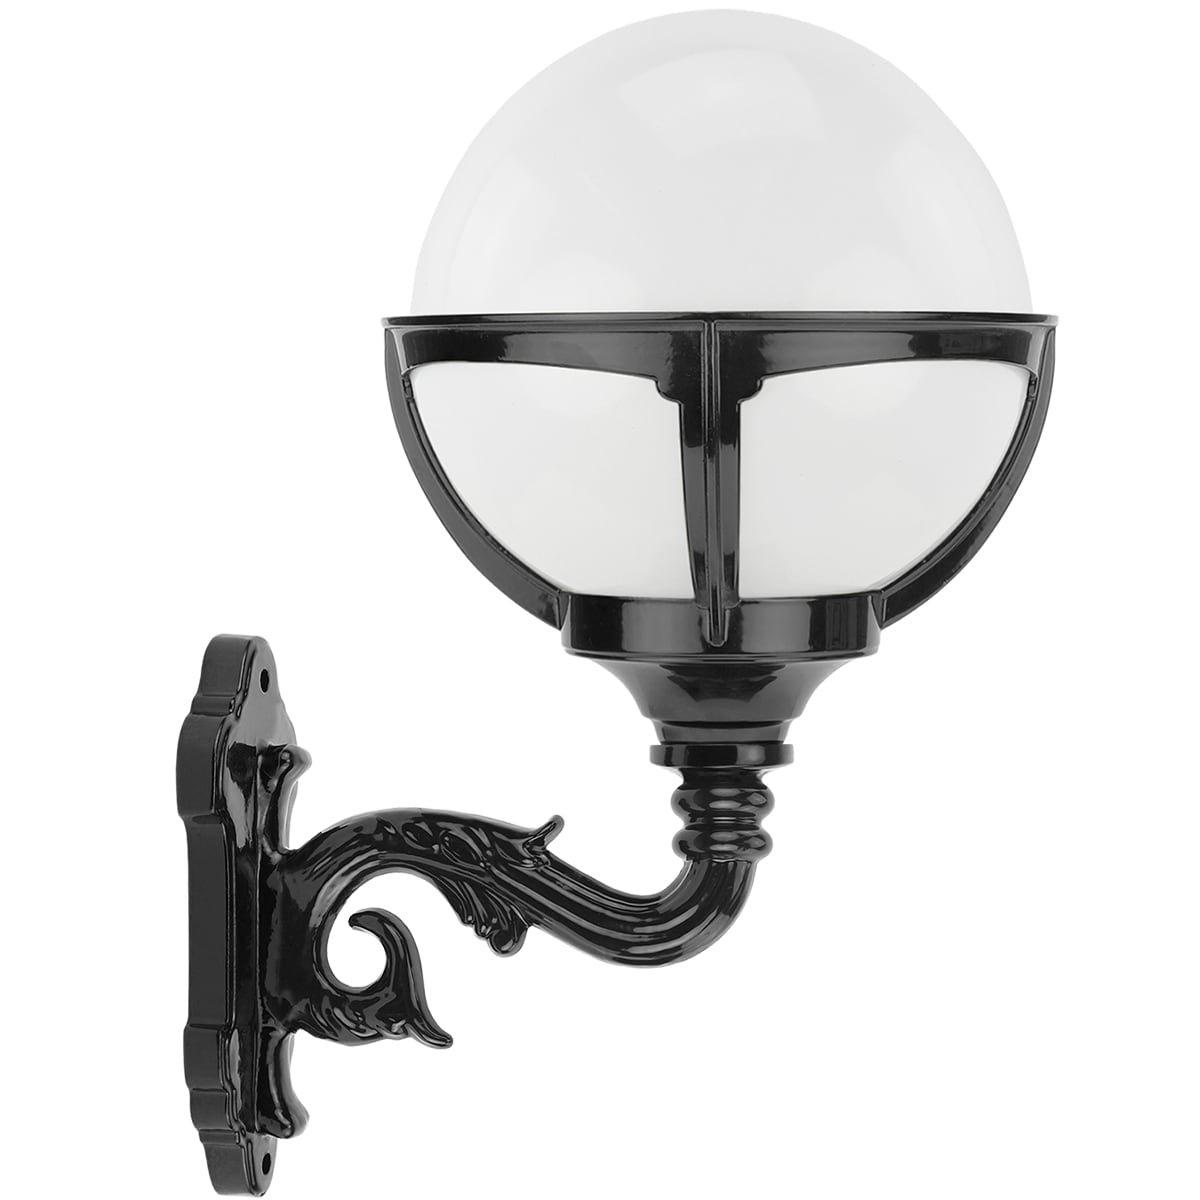 Outdoor lighting Classic Rural Wall lamp Breukelen ball - 50 cm